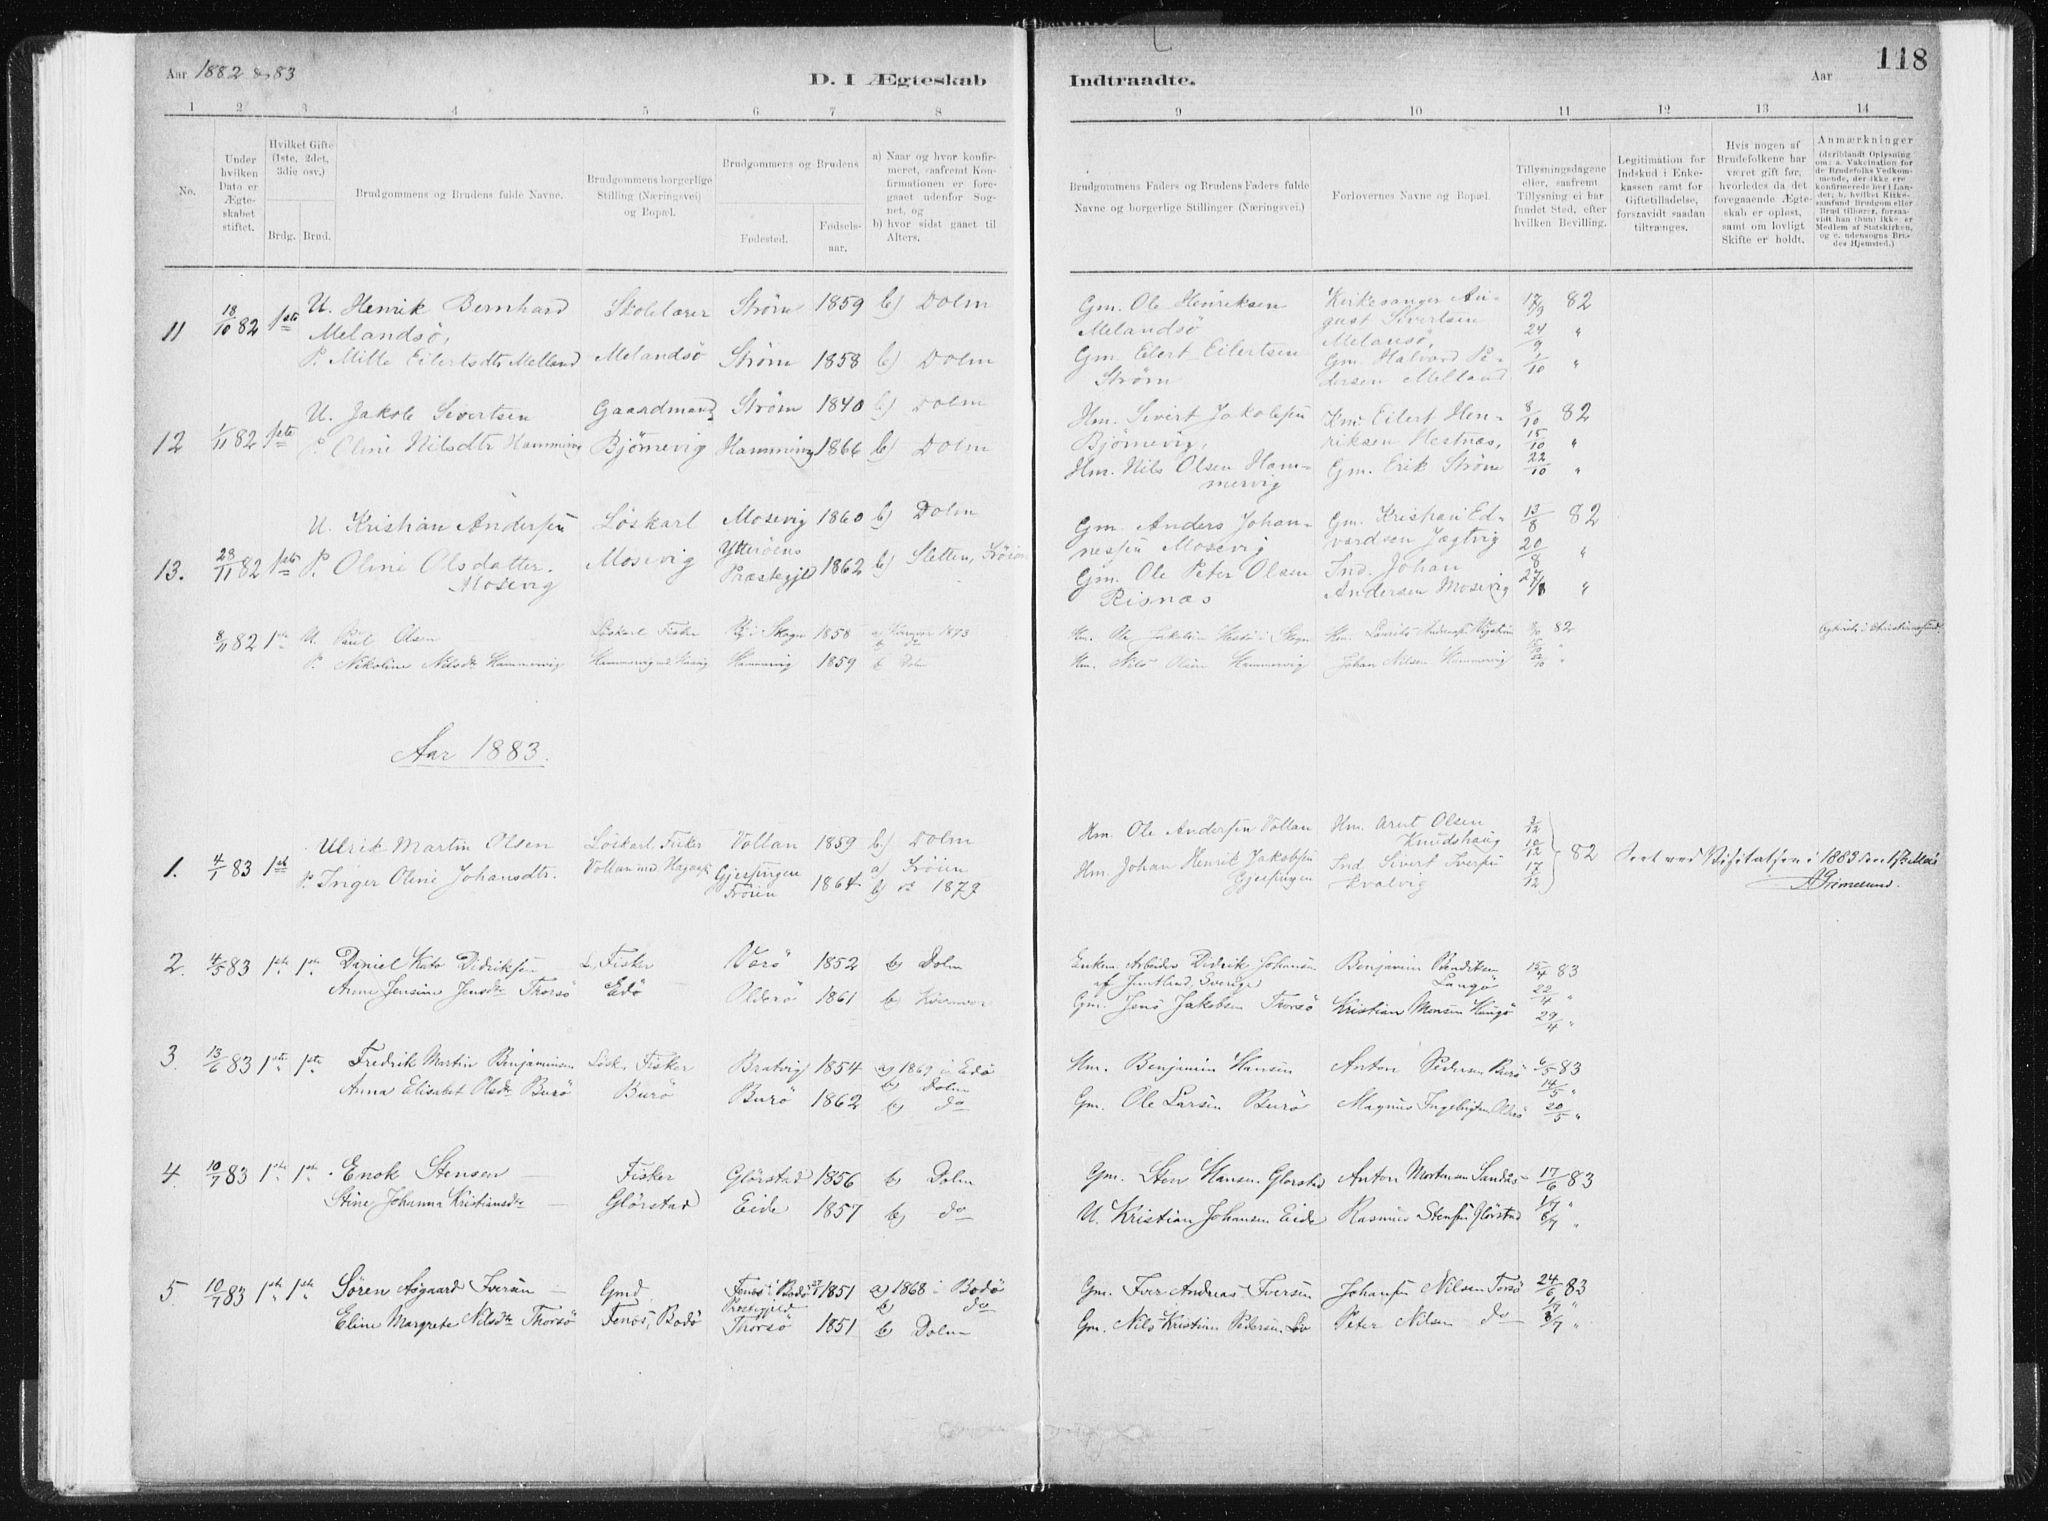 SAT, Ministerialprotokoller, klokkerbøker og fødselsregistre - Sør-Trøndelag, 634/L0533: Ministerialbok nr. 634A09, 1882-1901, s. 118